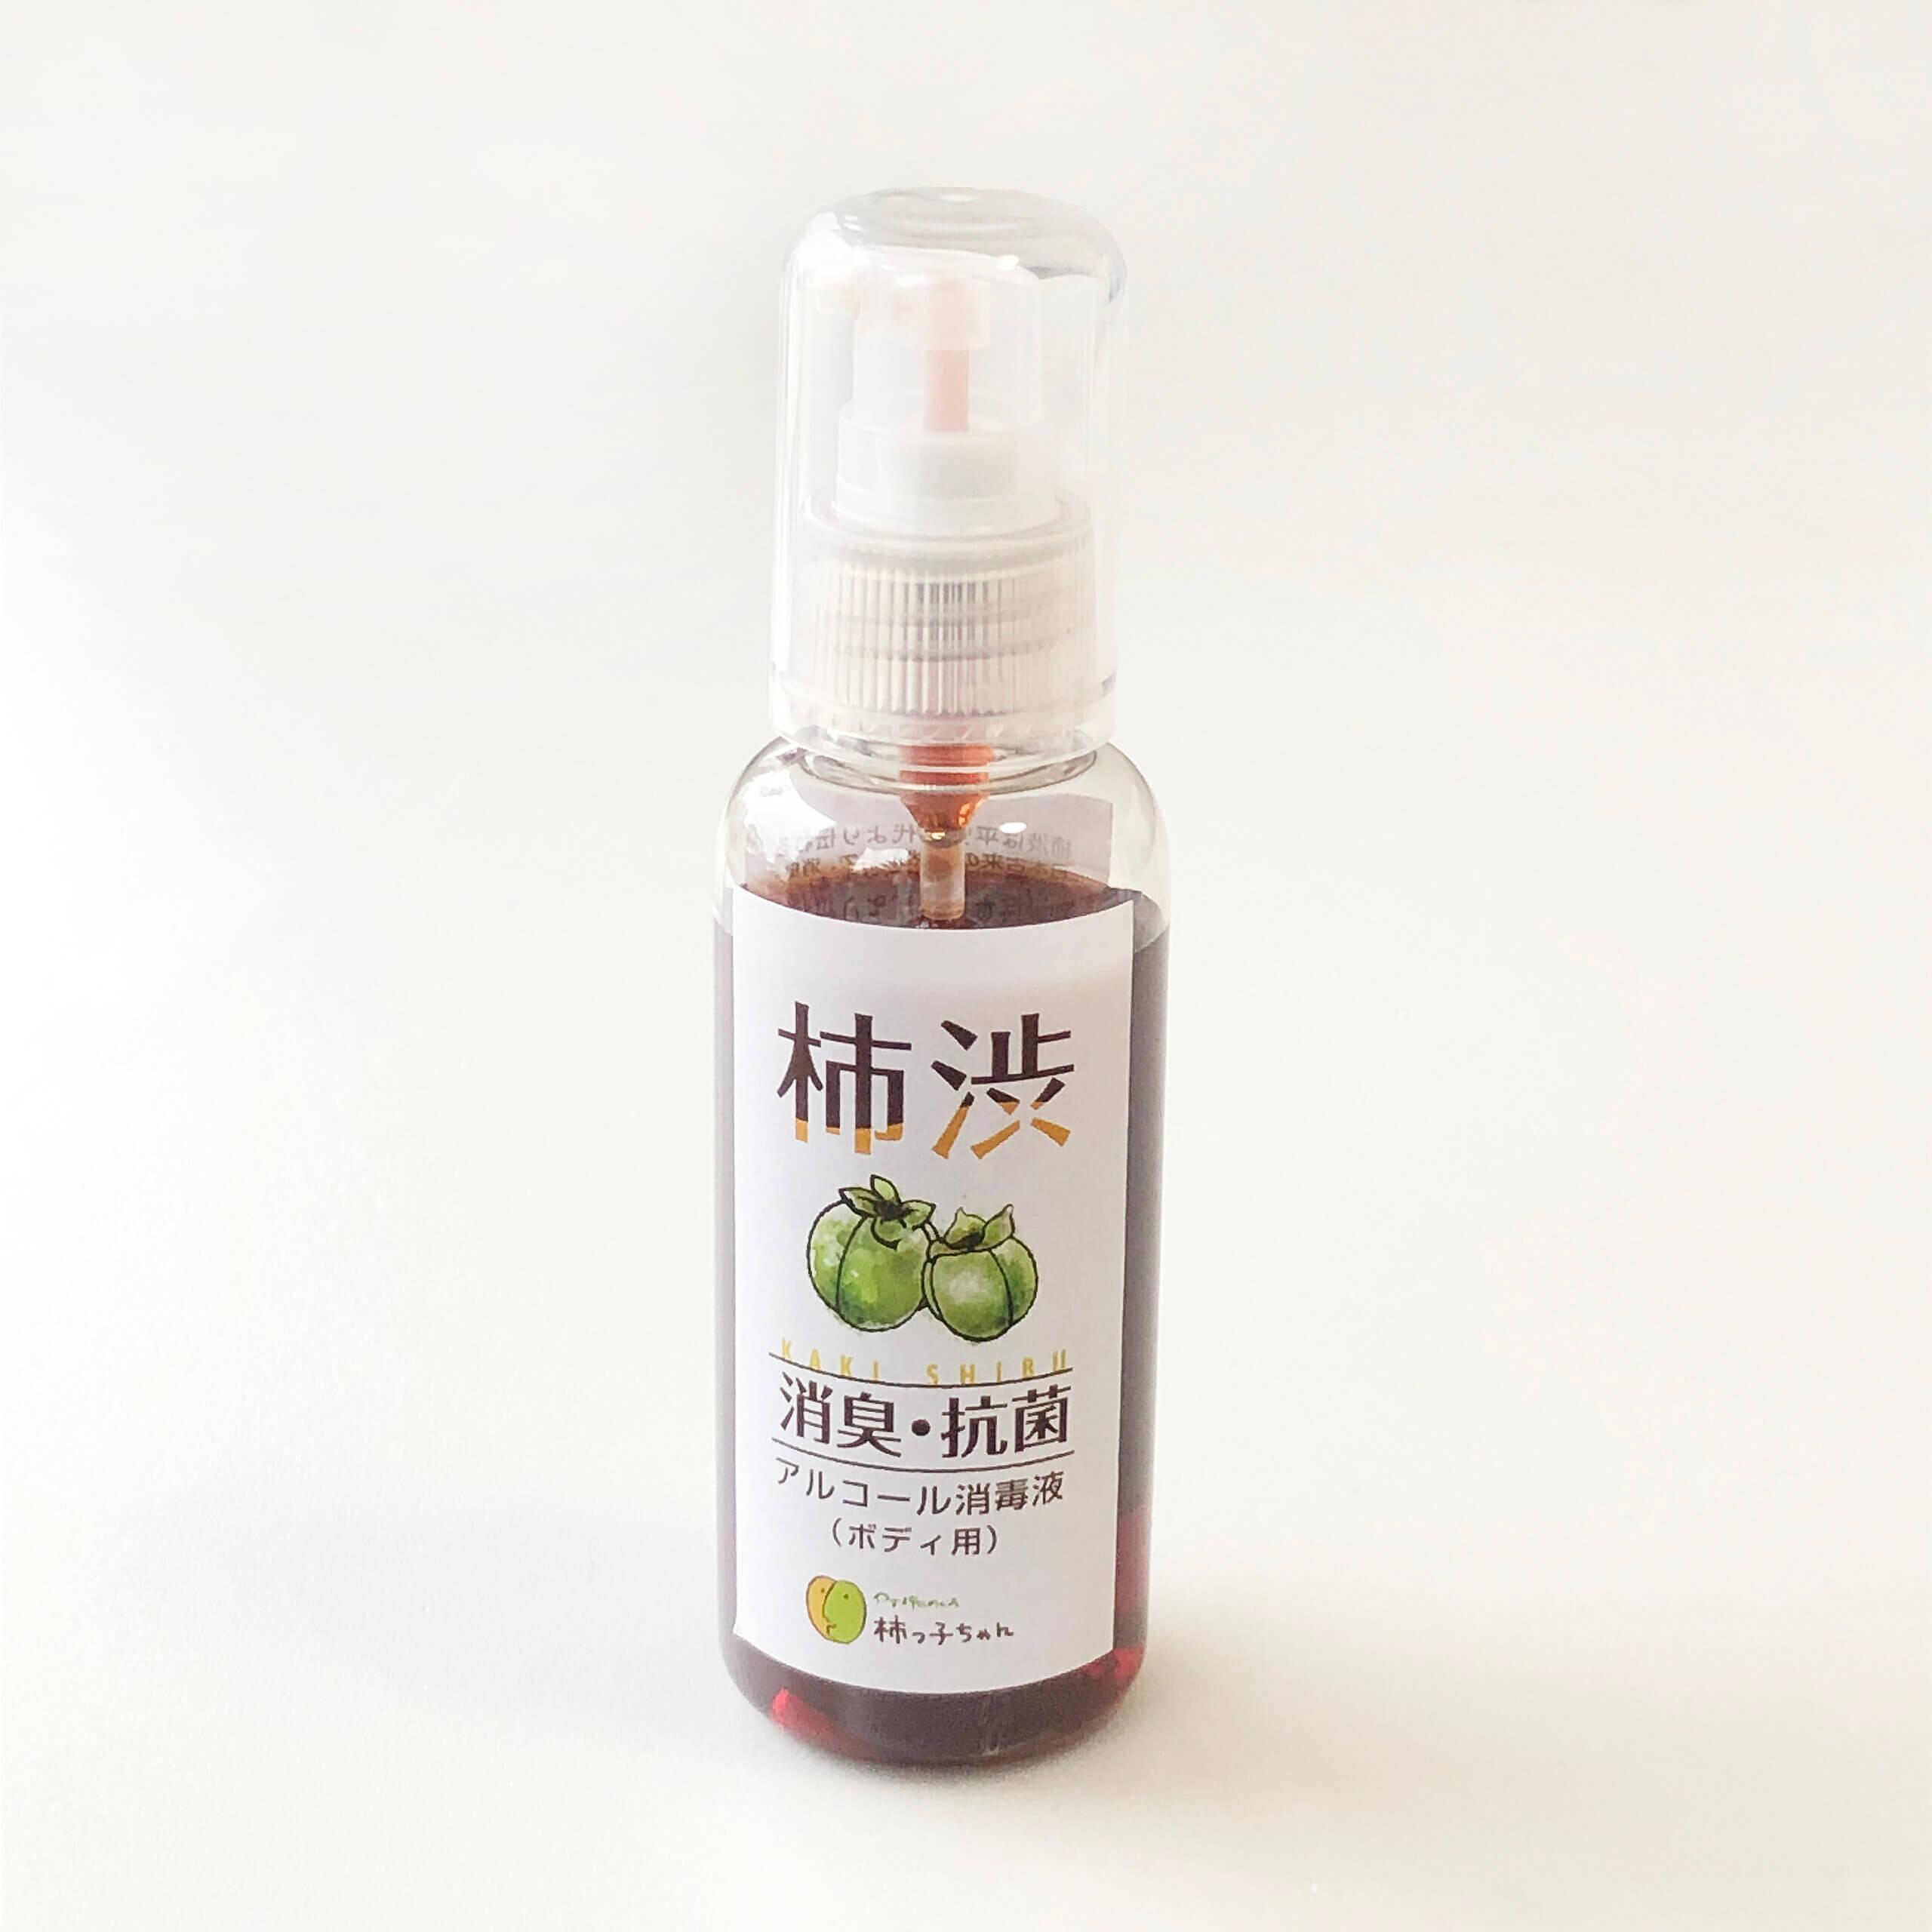 柿渋消臭・抗菌アルコール消毒液 ボディ用